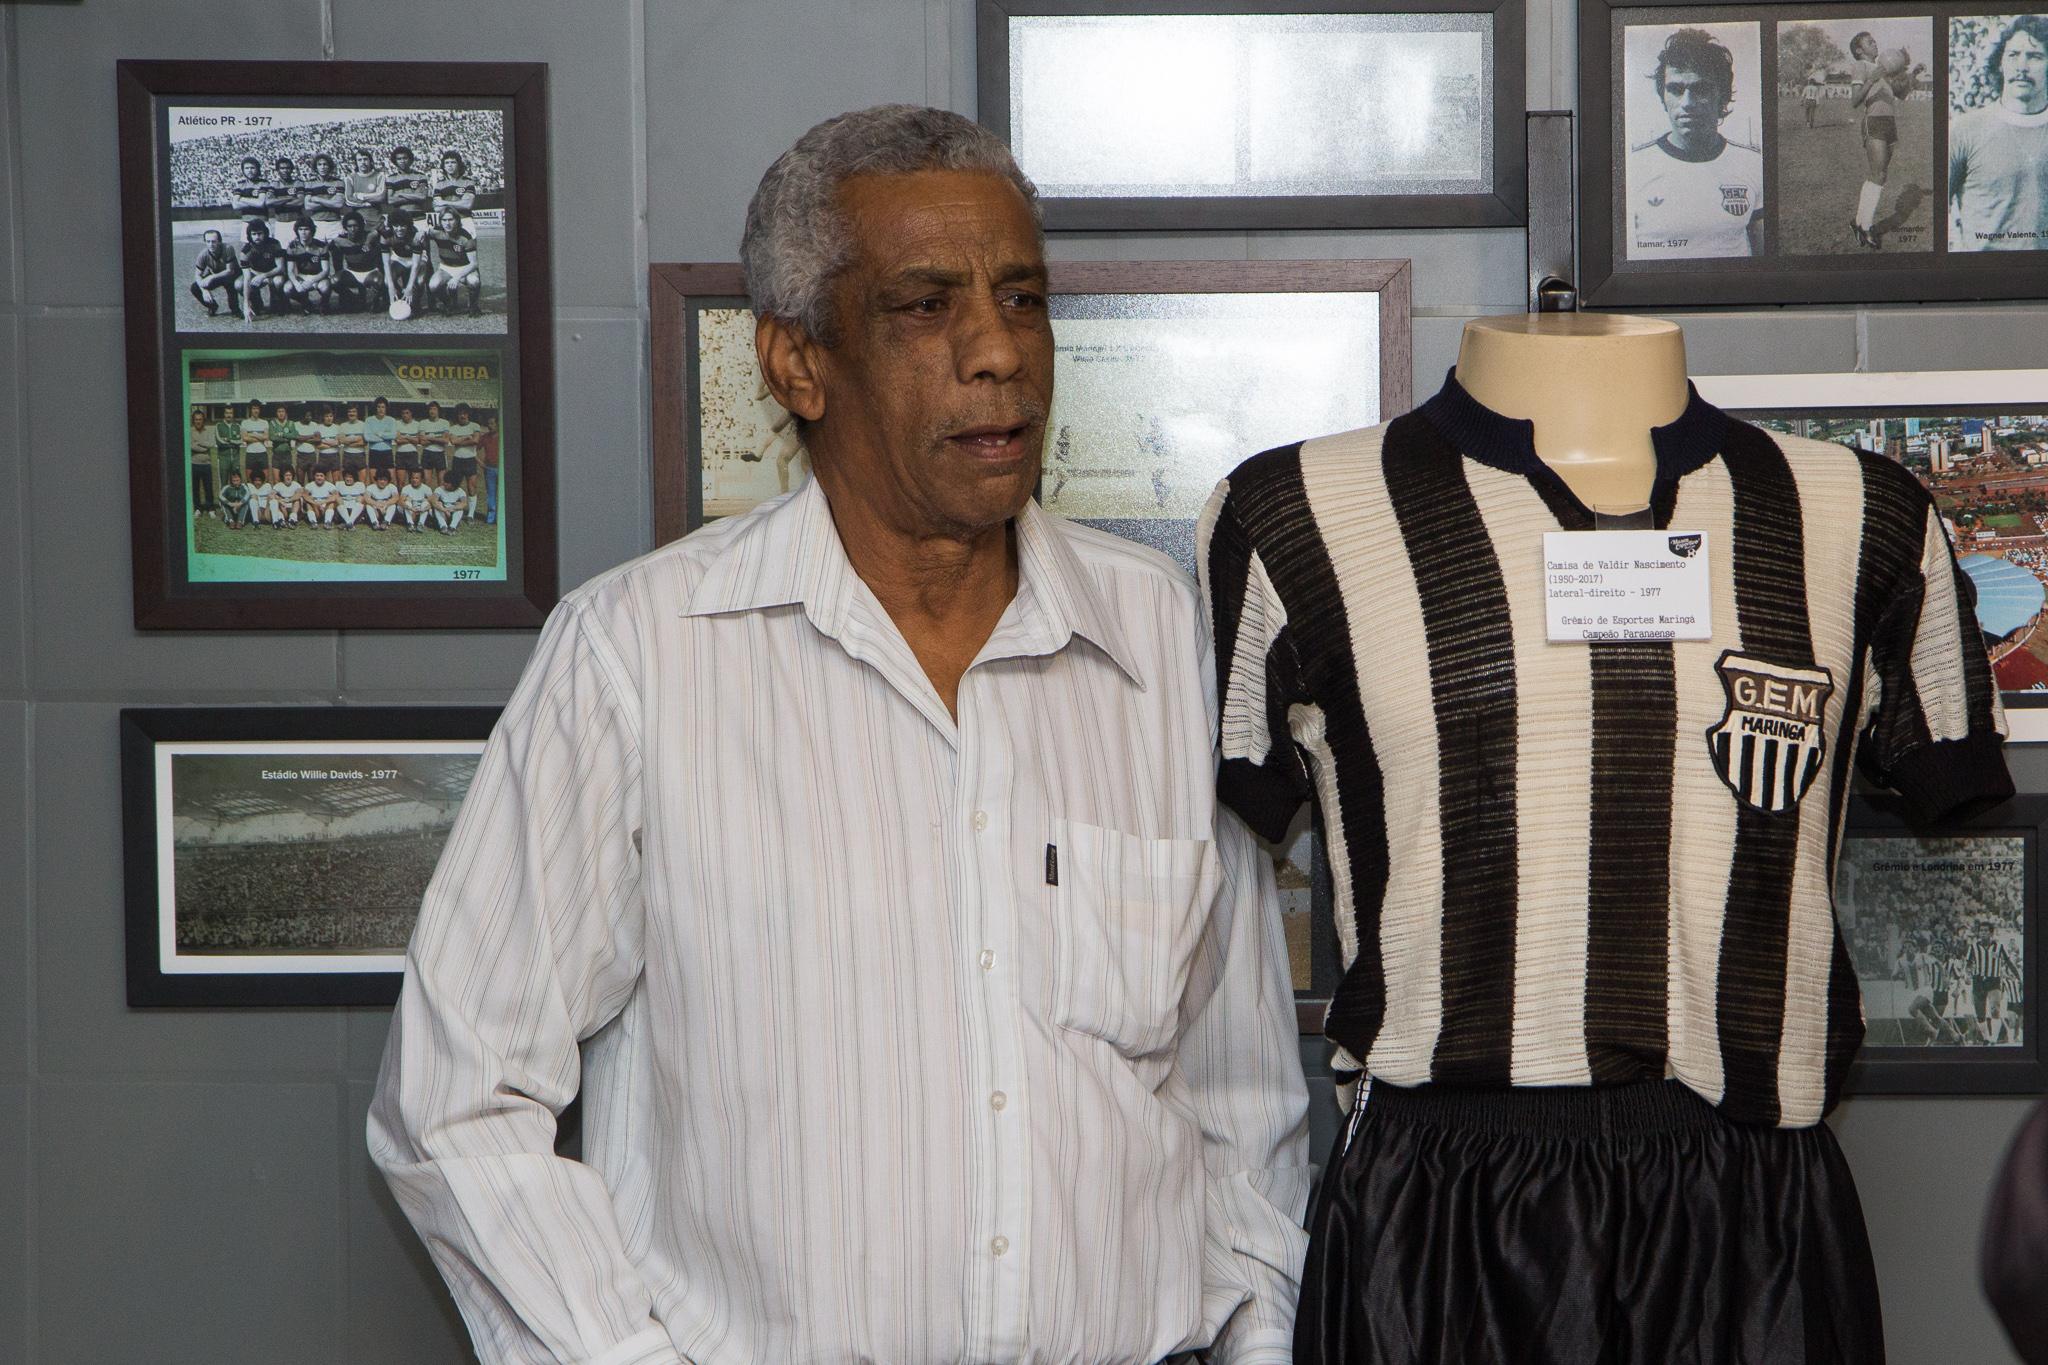 Descanse em paz, Oliveirão, nome histórico do Grêmio Esportivo Maringá